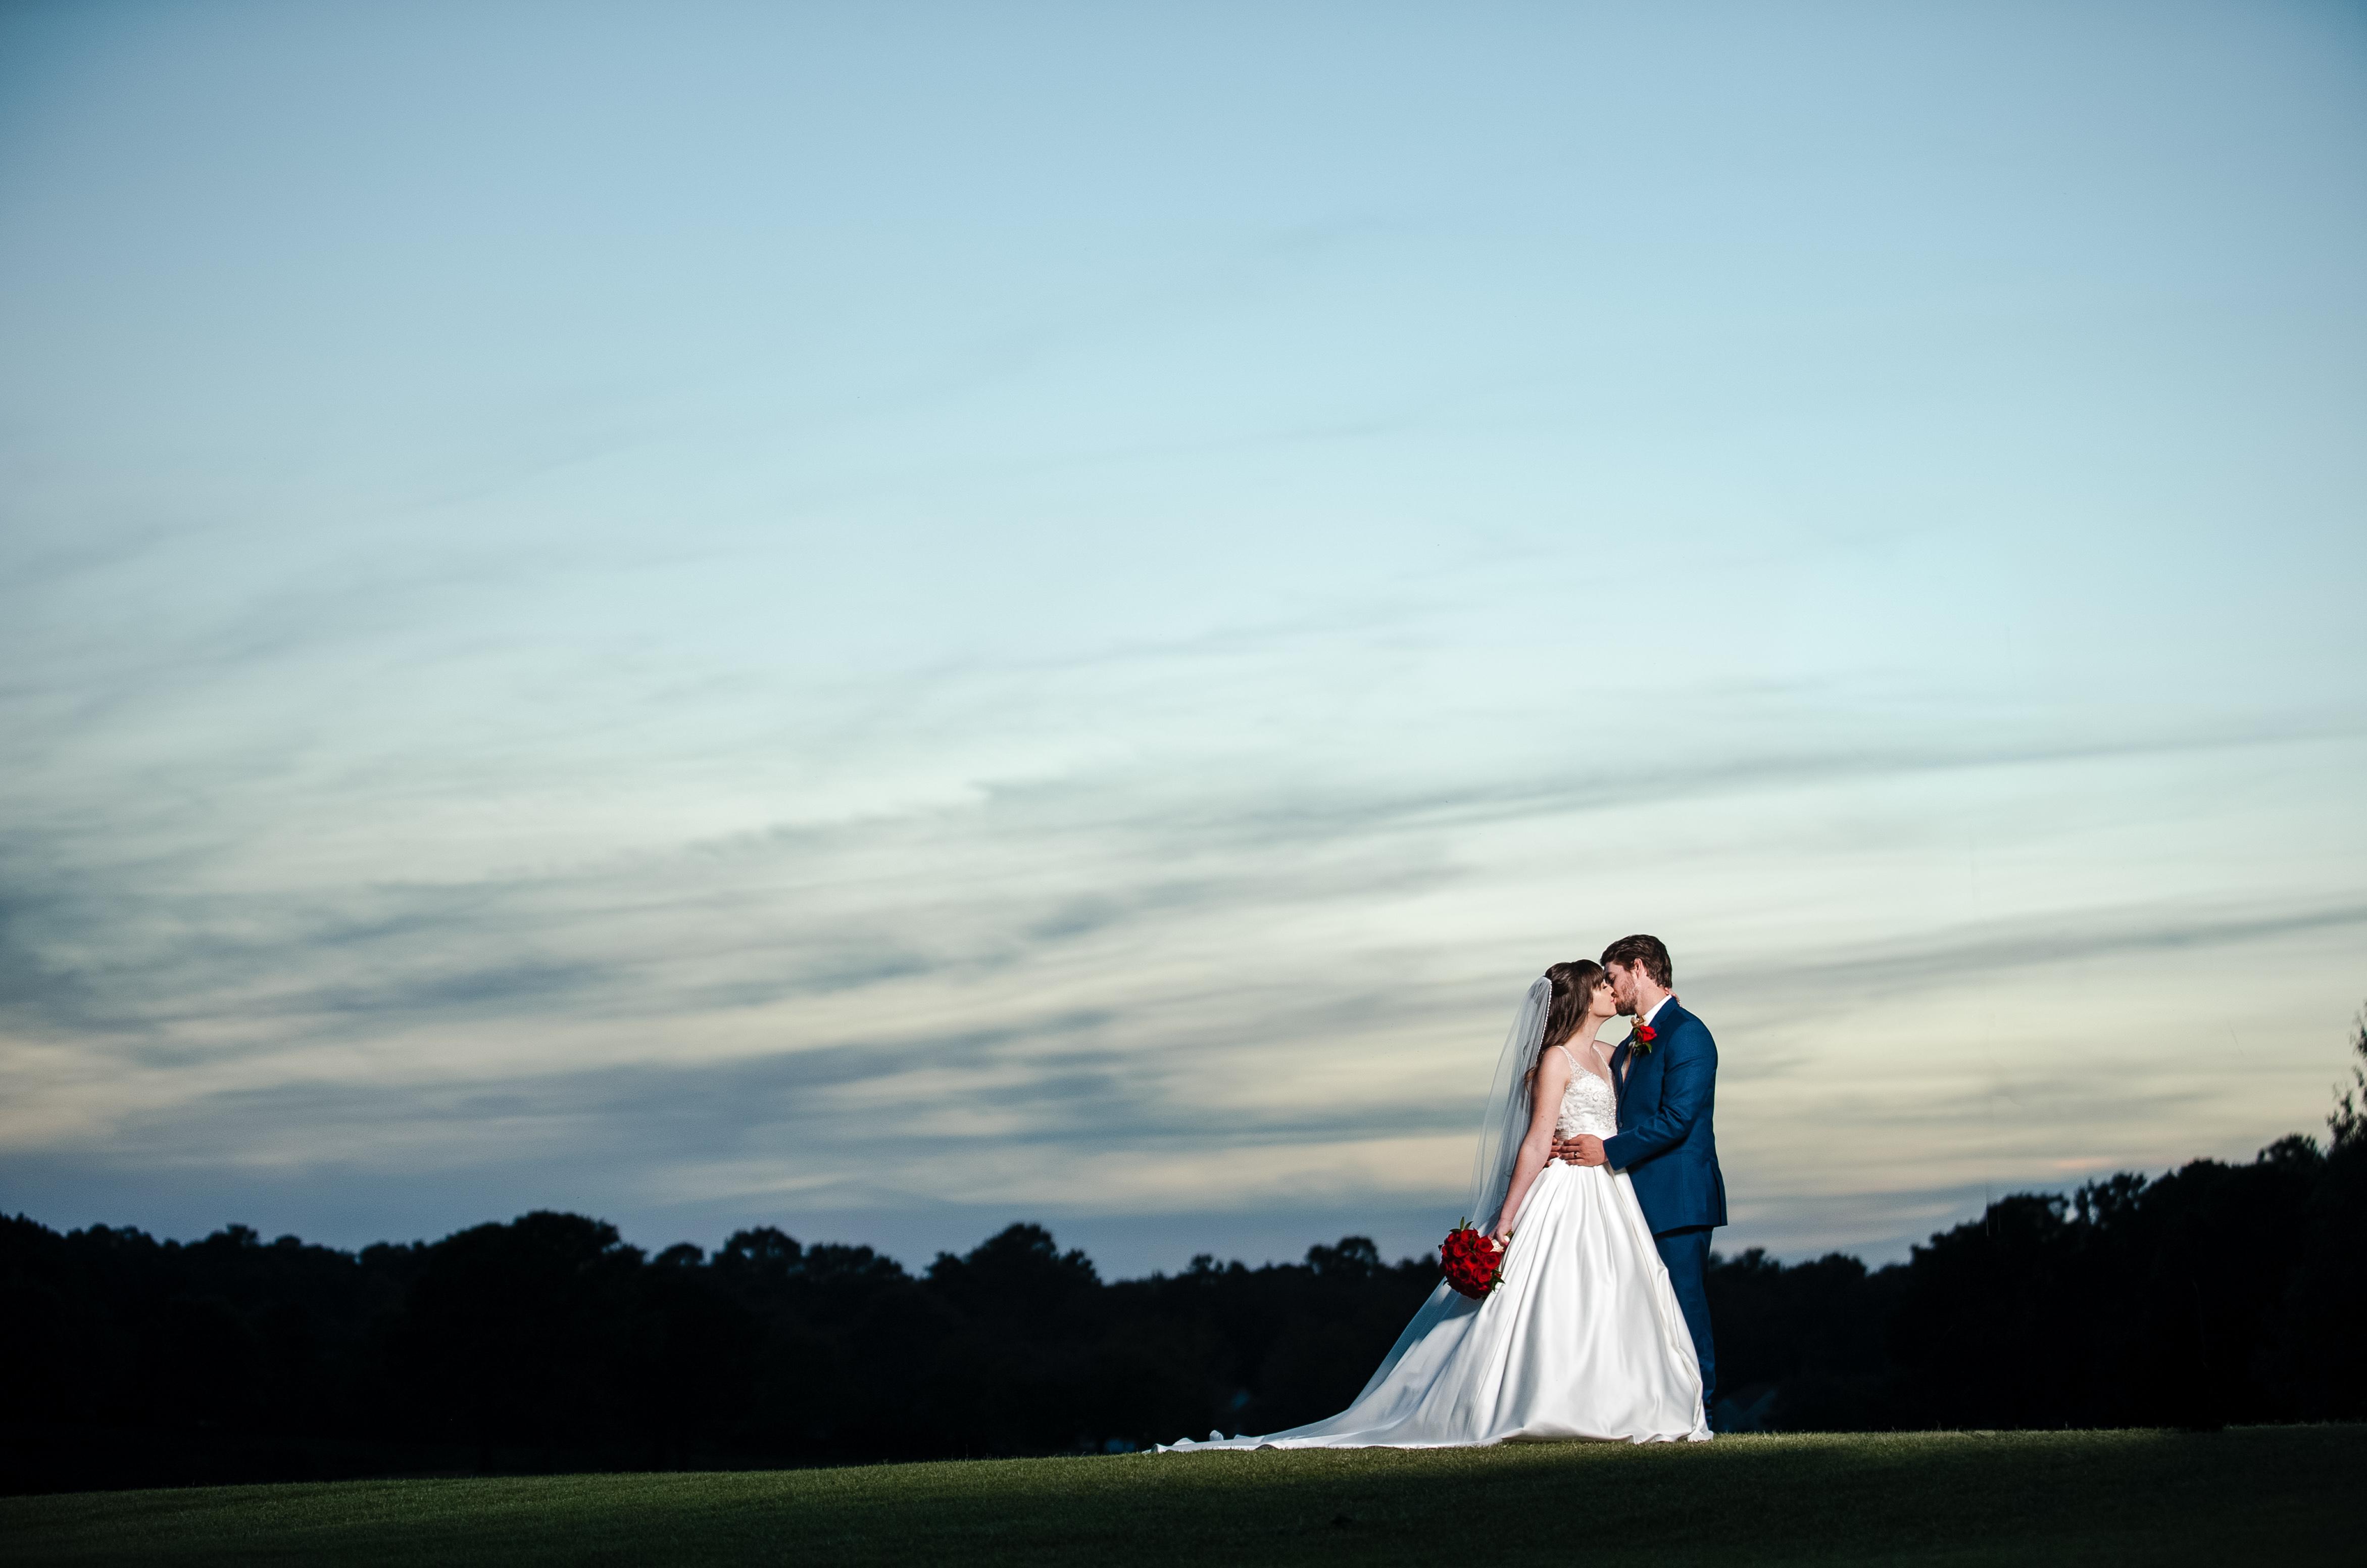 Wedding (1 of 3)